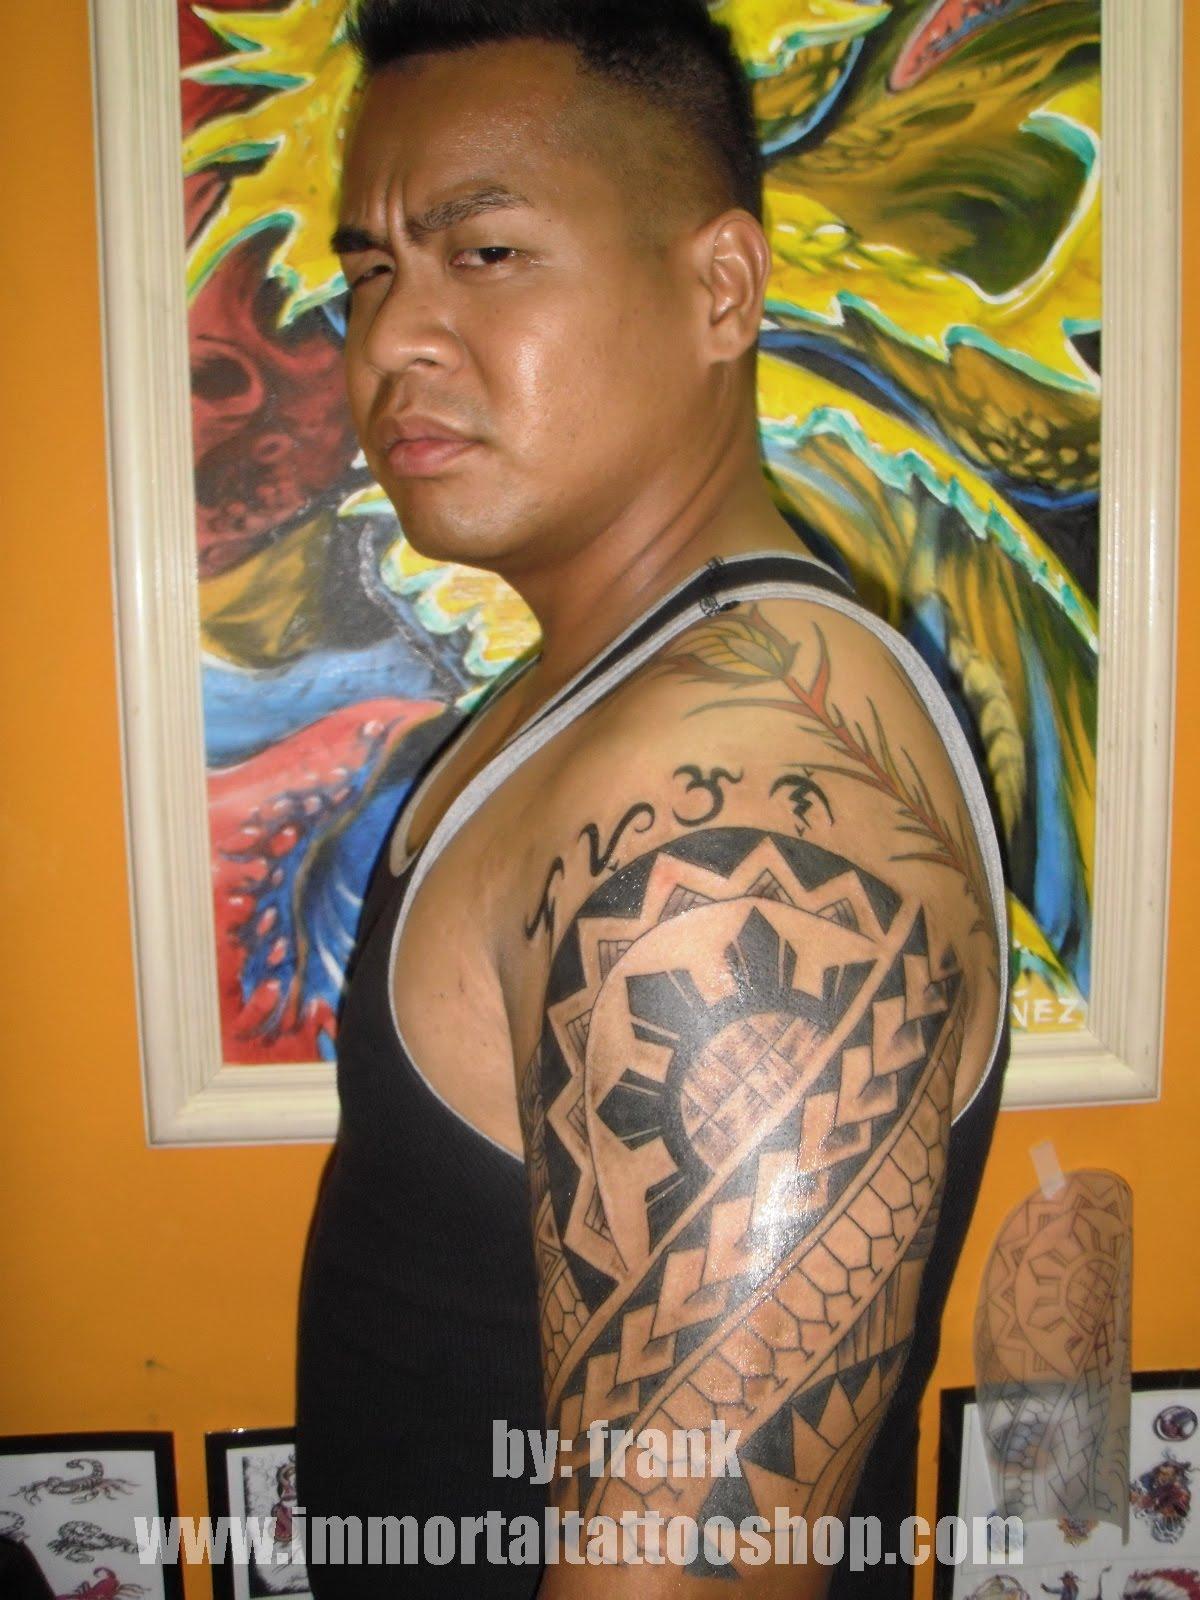 immortal tattoo manila philippines by frank ibanez jr filipino hawaiian get tattoo in immortal. Black Bedroom Furniture Sets. Home Design Ideas